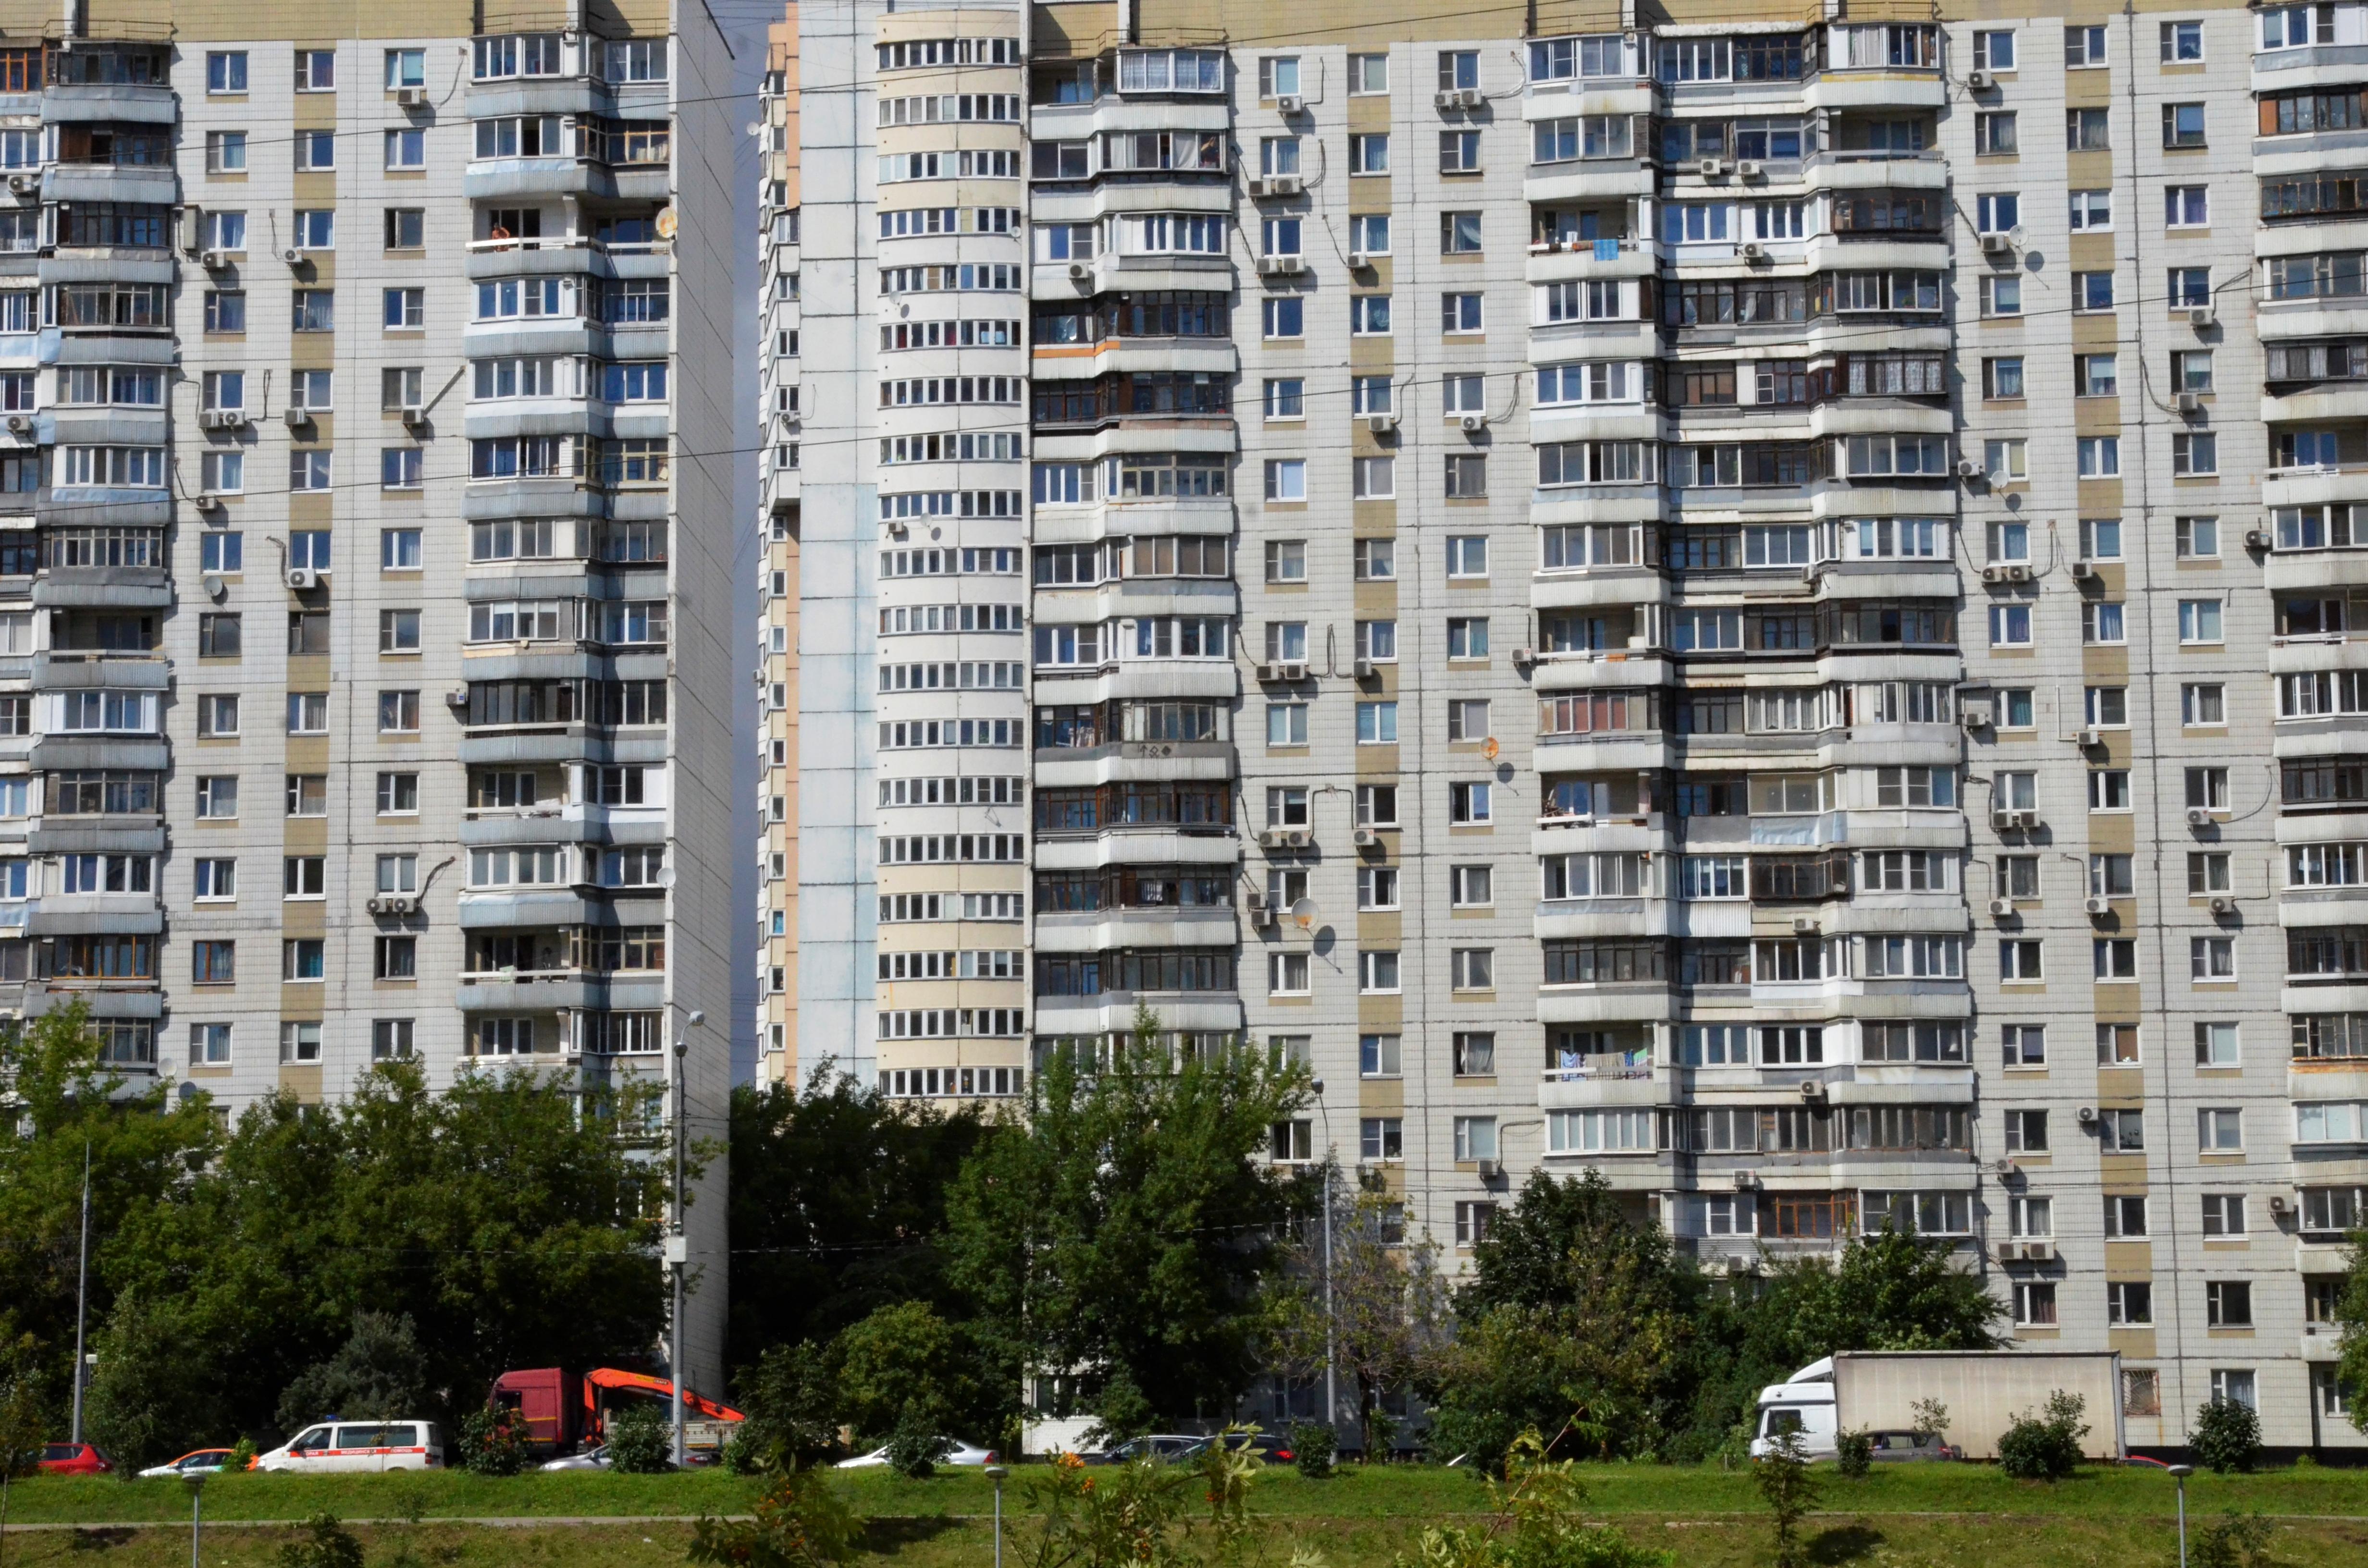 Жилые дома Чертанова Центрального проверили на соблюдение безопасности